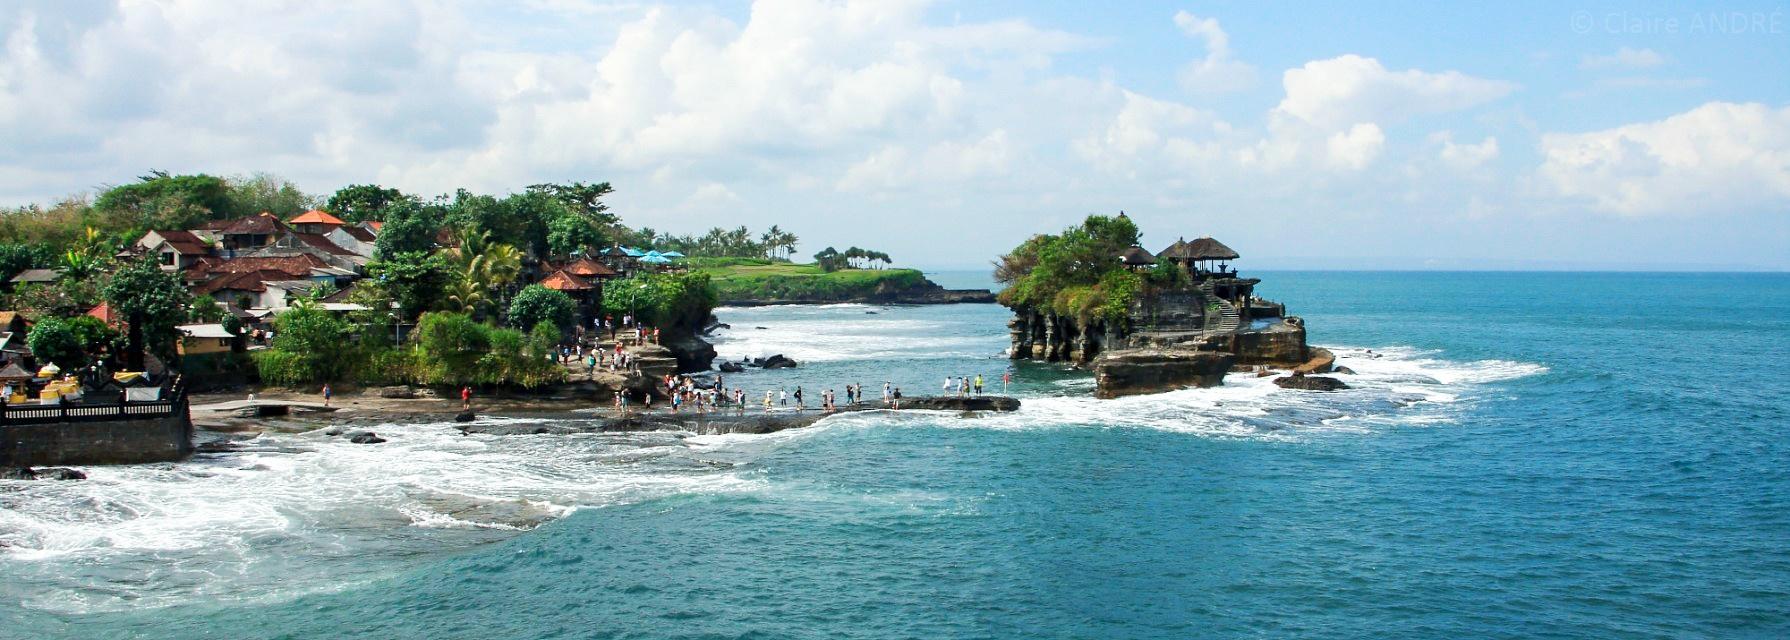 Nhung ngay duoi bat mat troi lan o Bali hinh anh 2